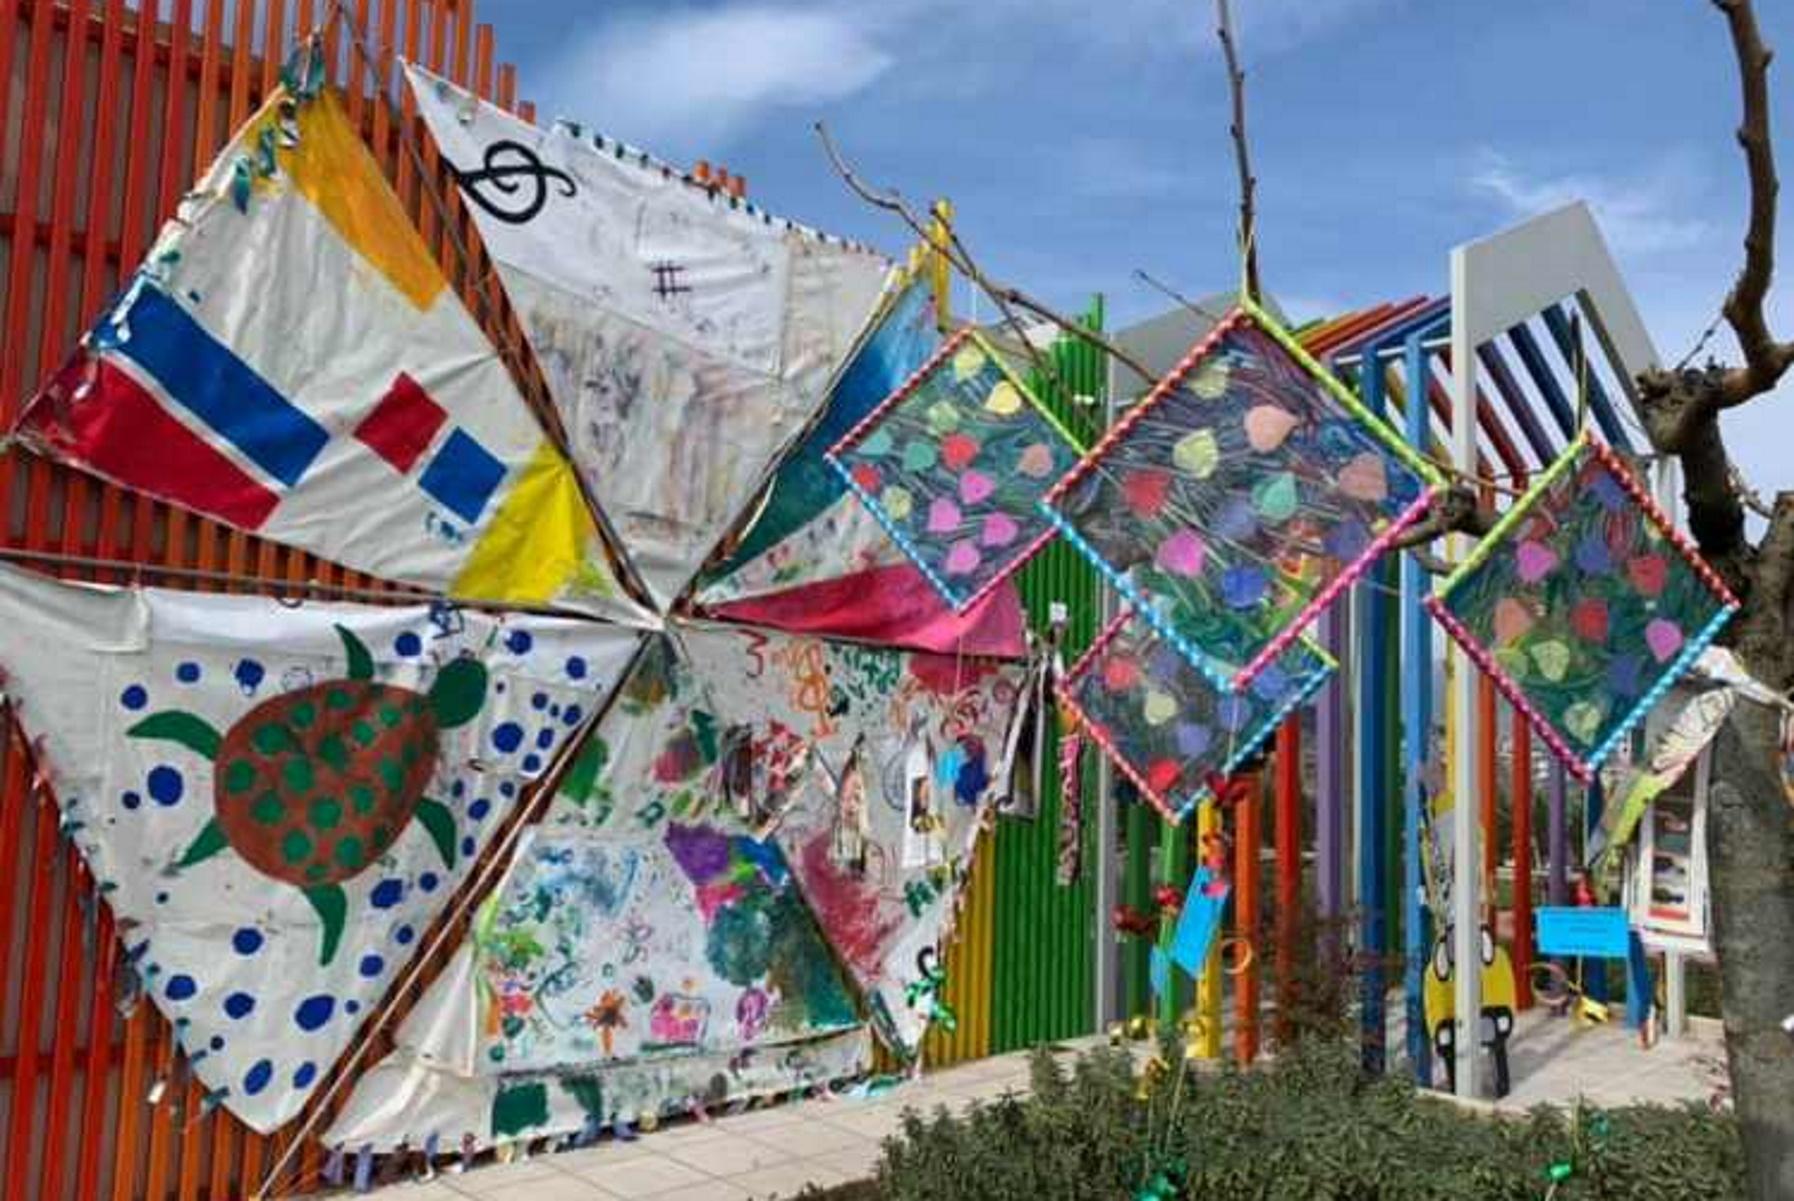 Ιωάννινα: Ο μεγαλύτερος χαρταετός φτιάχτηκε από παιδικά χεράκια (pics)